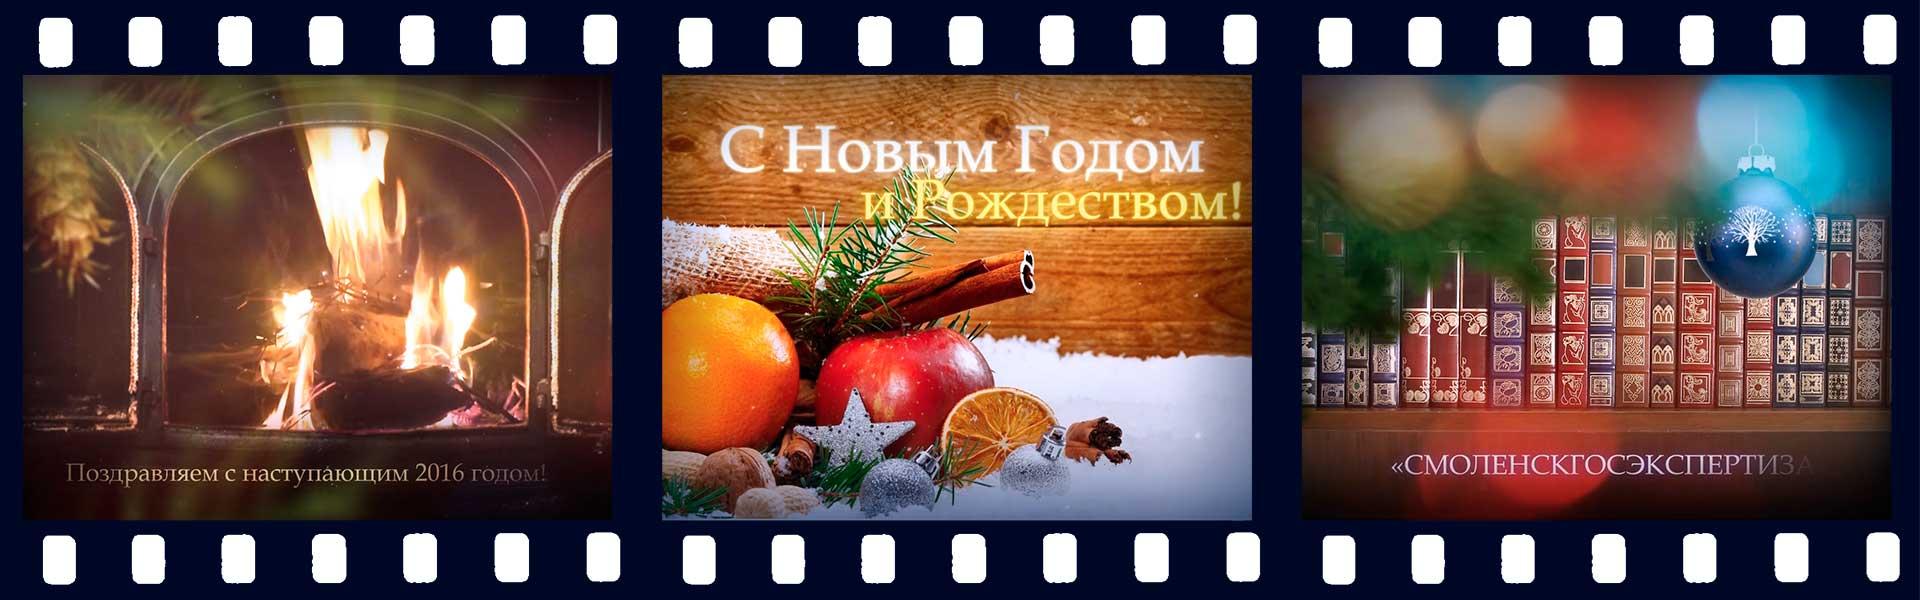 """Новогодняя открытка """"СмоленскГосЭкспертиза"""""""